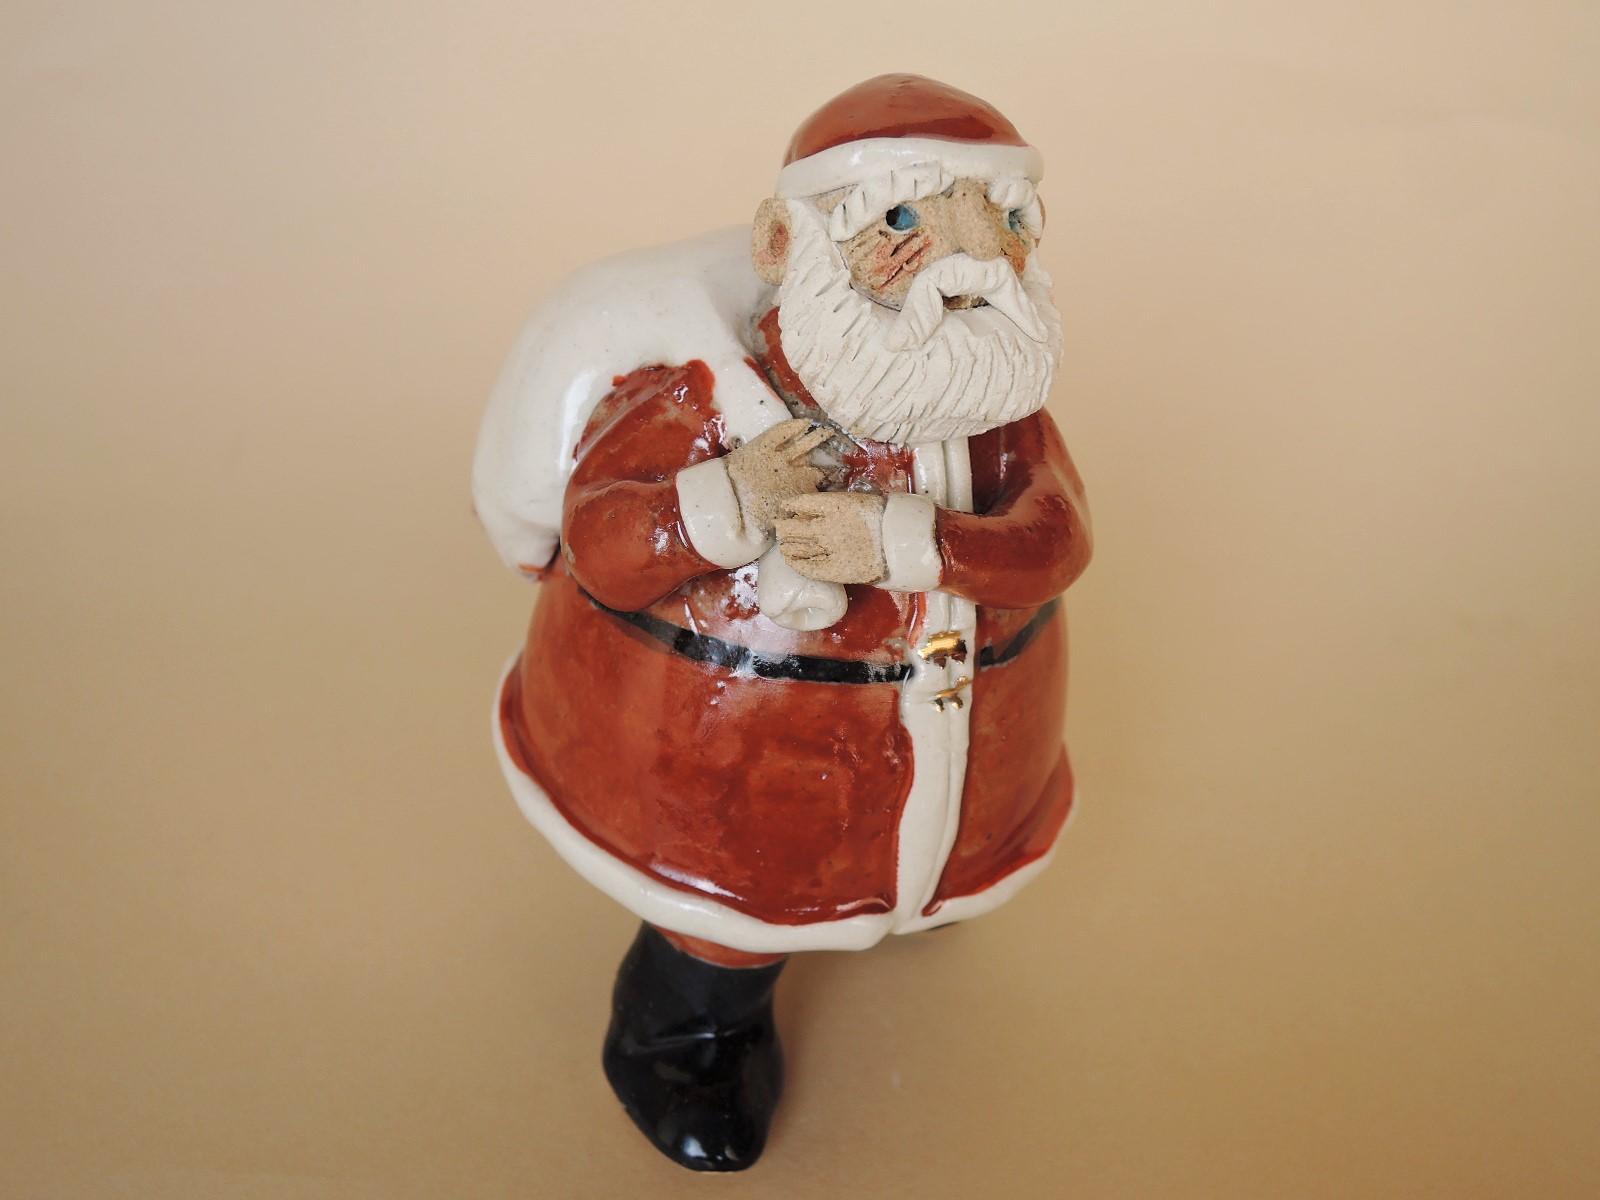 やなぎゆきおさん プレゼントを届けるサンタクロース